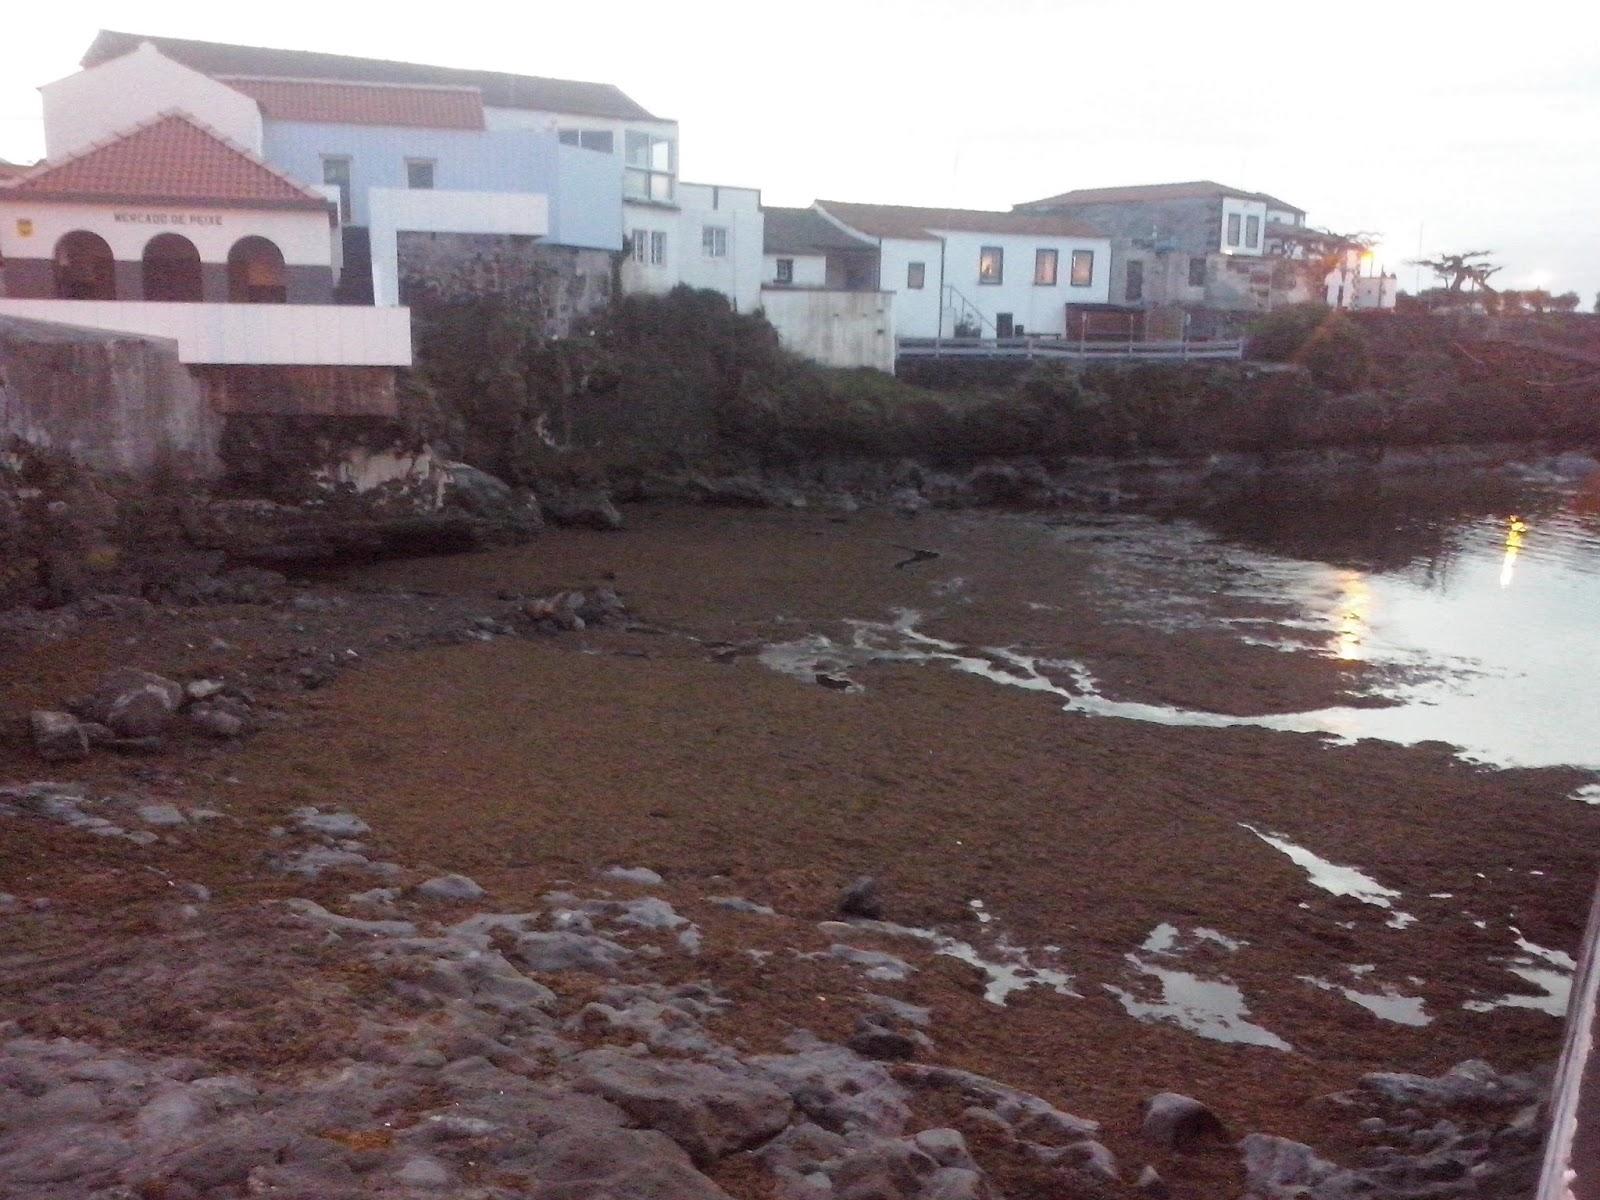 Análises às águas no Porto da Madalena não detetam qualquer problema microbiológico relacionado com a concentração de 'sargaço'